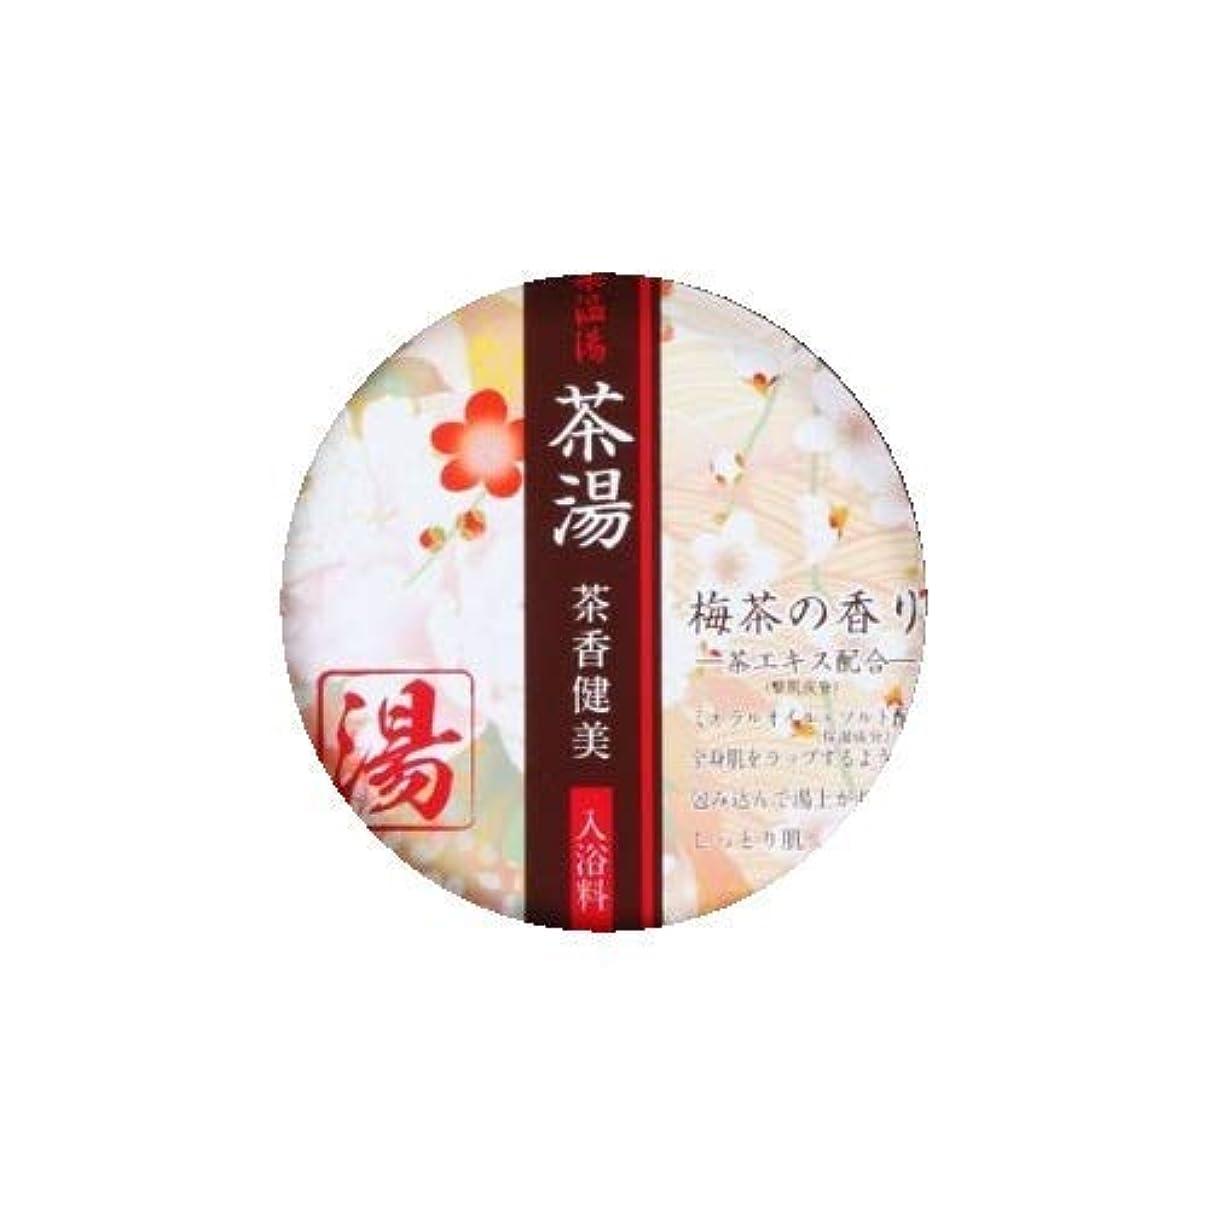 ファーム皮肉な殺人薬温湯 茶湯 入浴料 梅茶の香り POF-10U